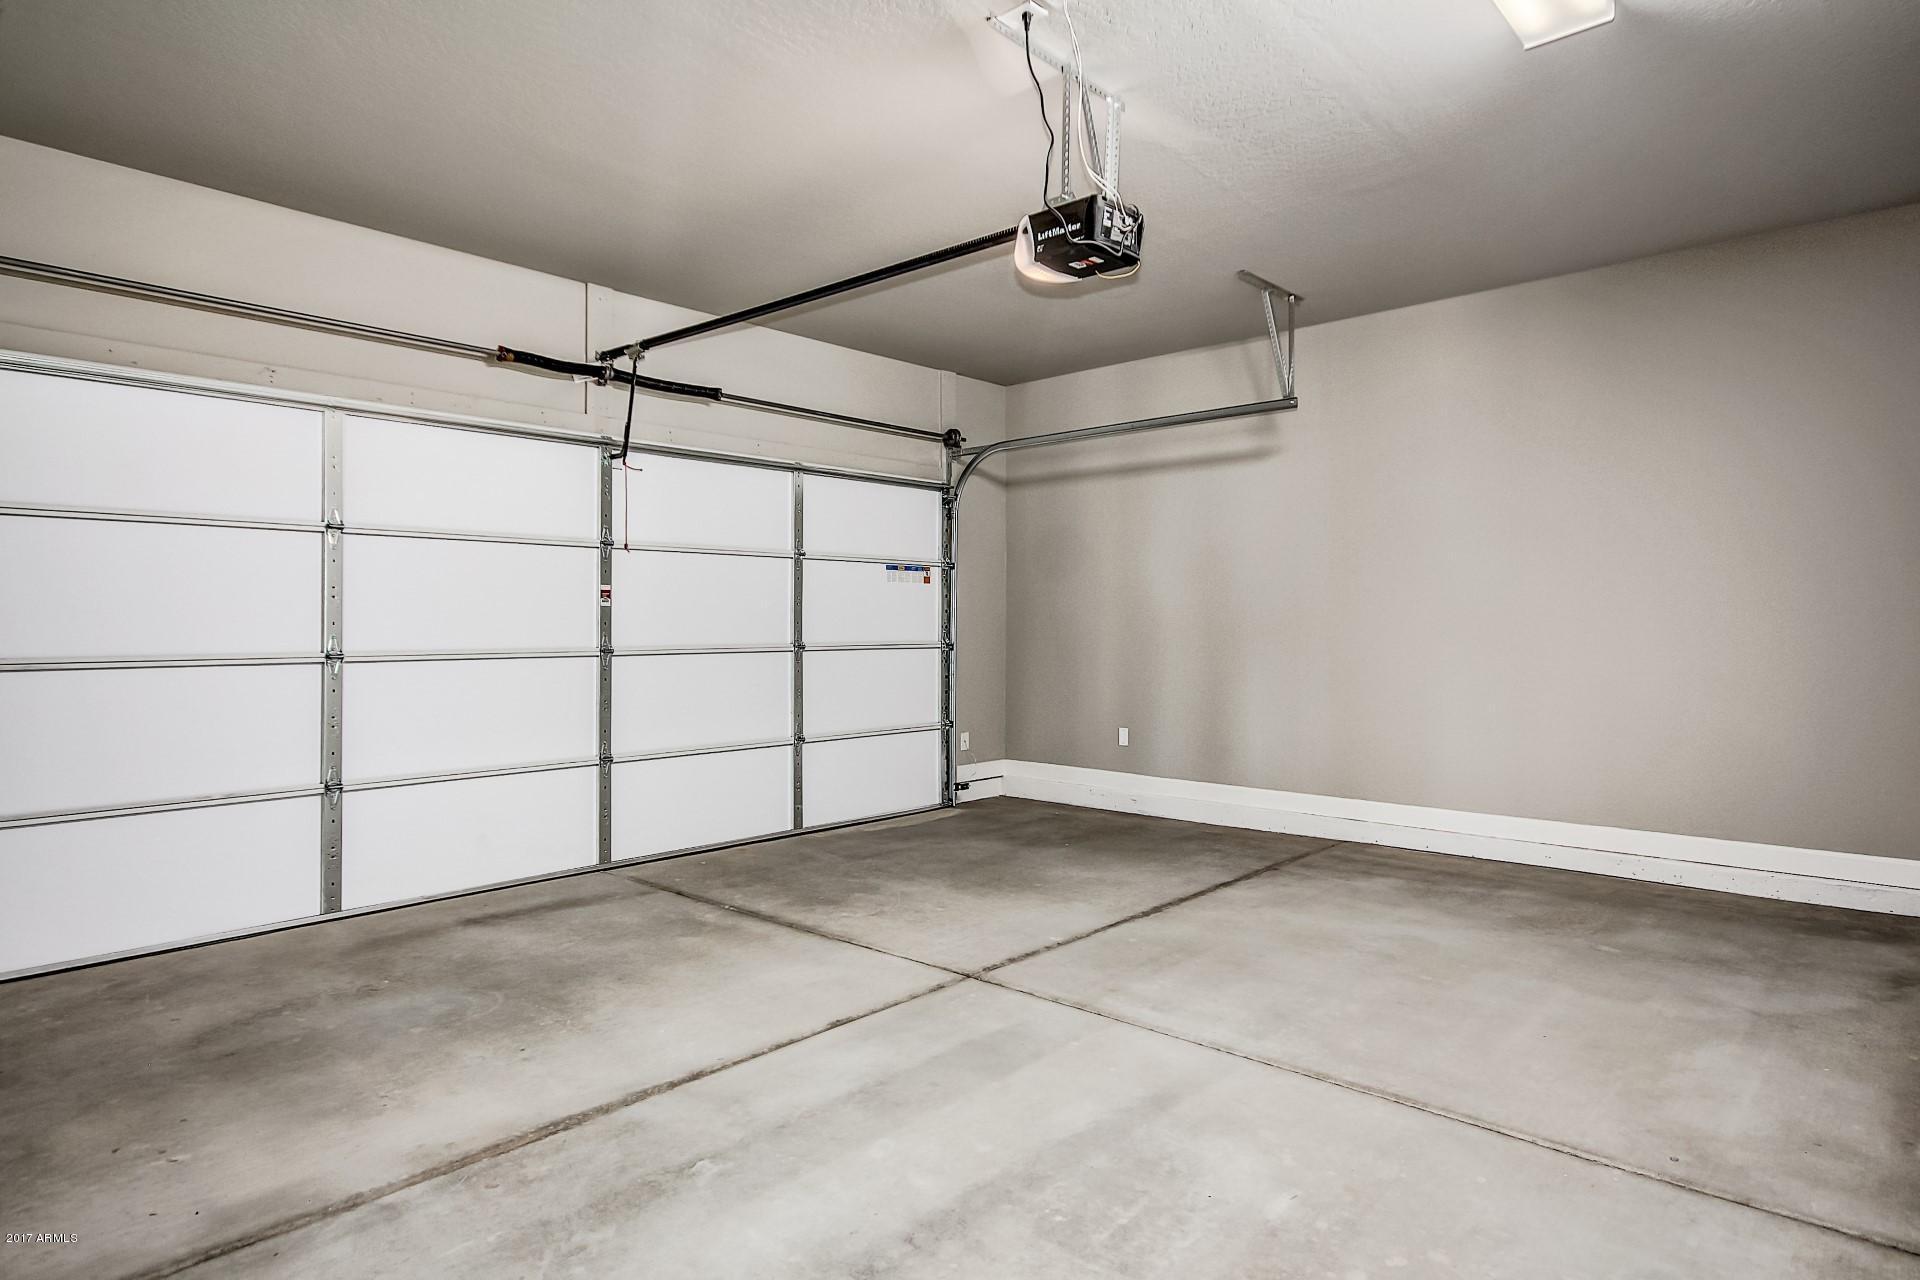 MLS 5778628 14904 W Pinnacle Vista Drive, Surprise, AZ 85387 Surprise AZ Newly Built